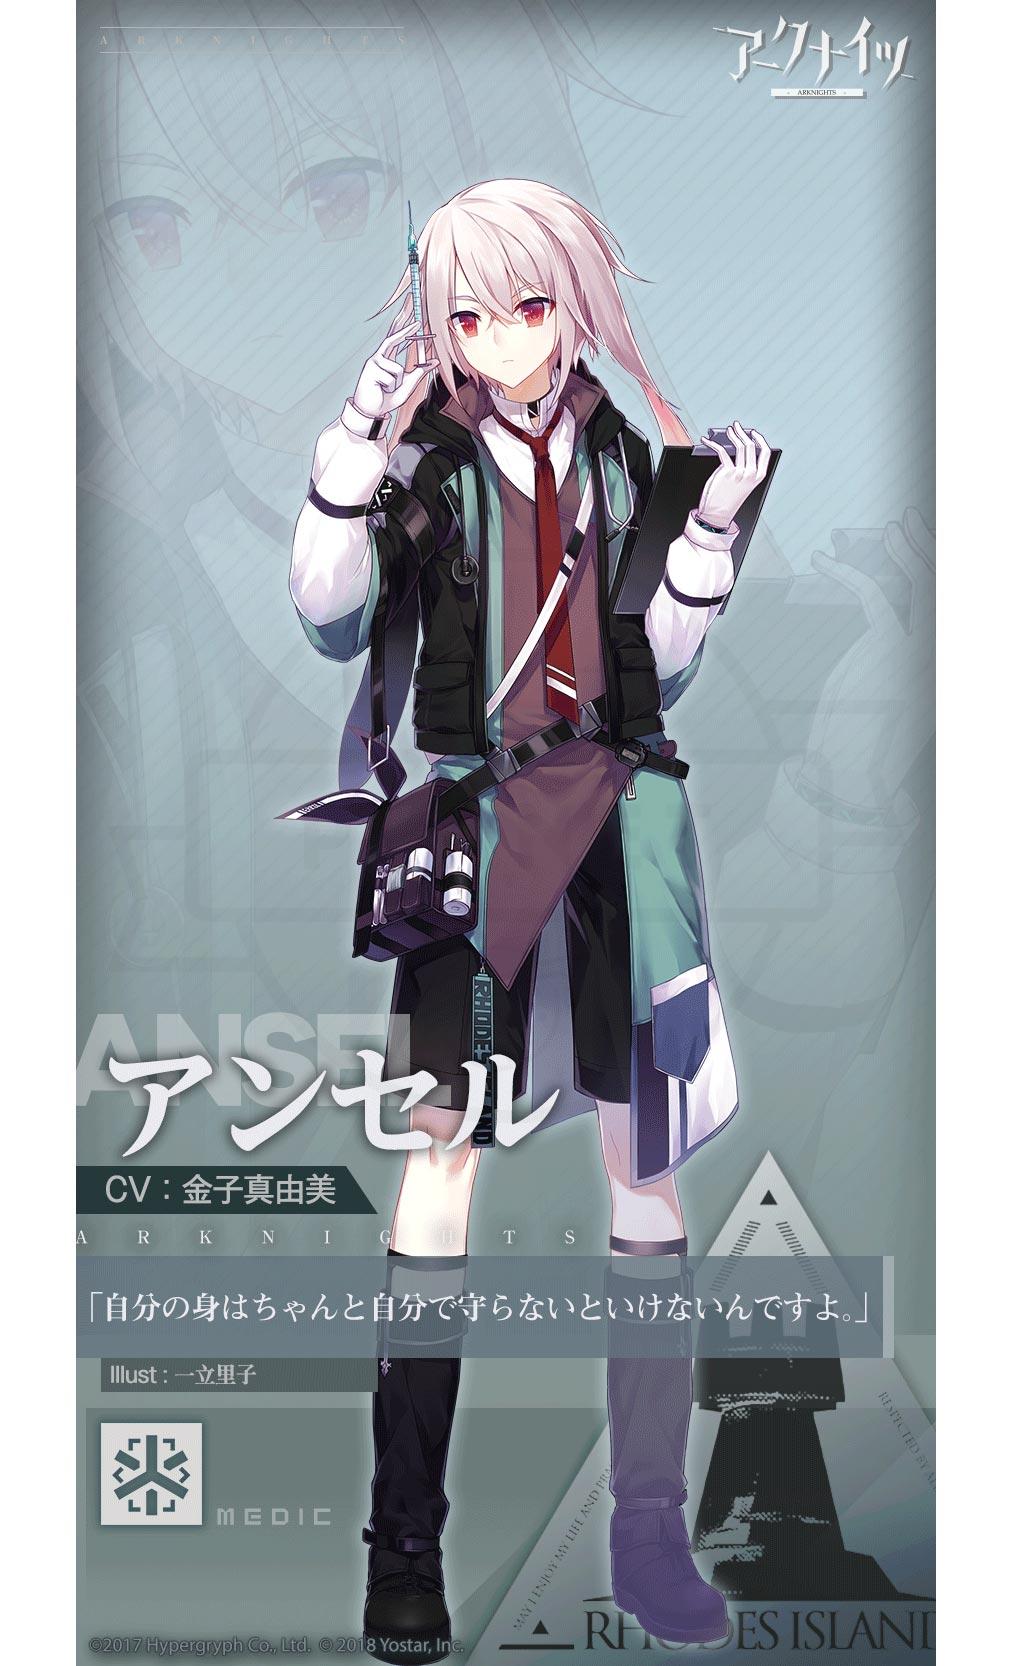 アークナイツ(ARKNIGHTS) キャラクター『アンセル』紹介イメージ